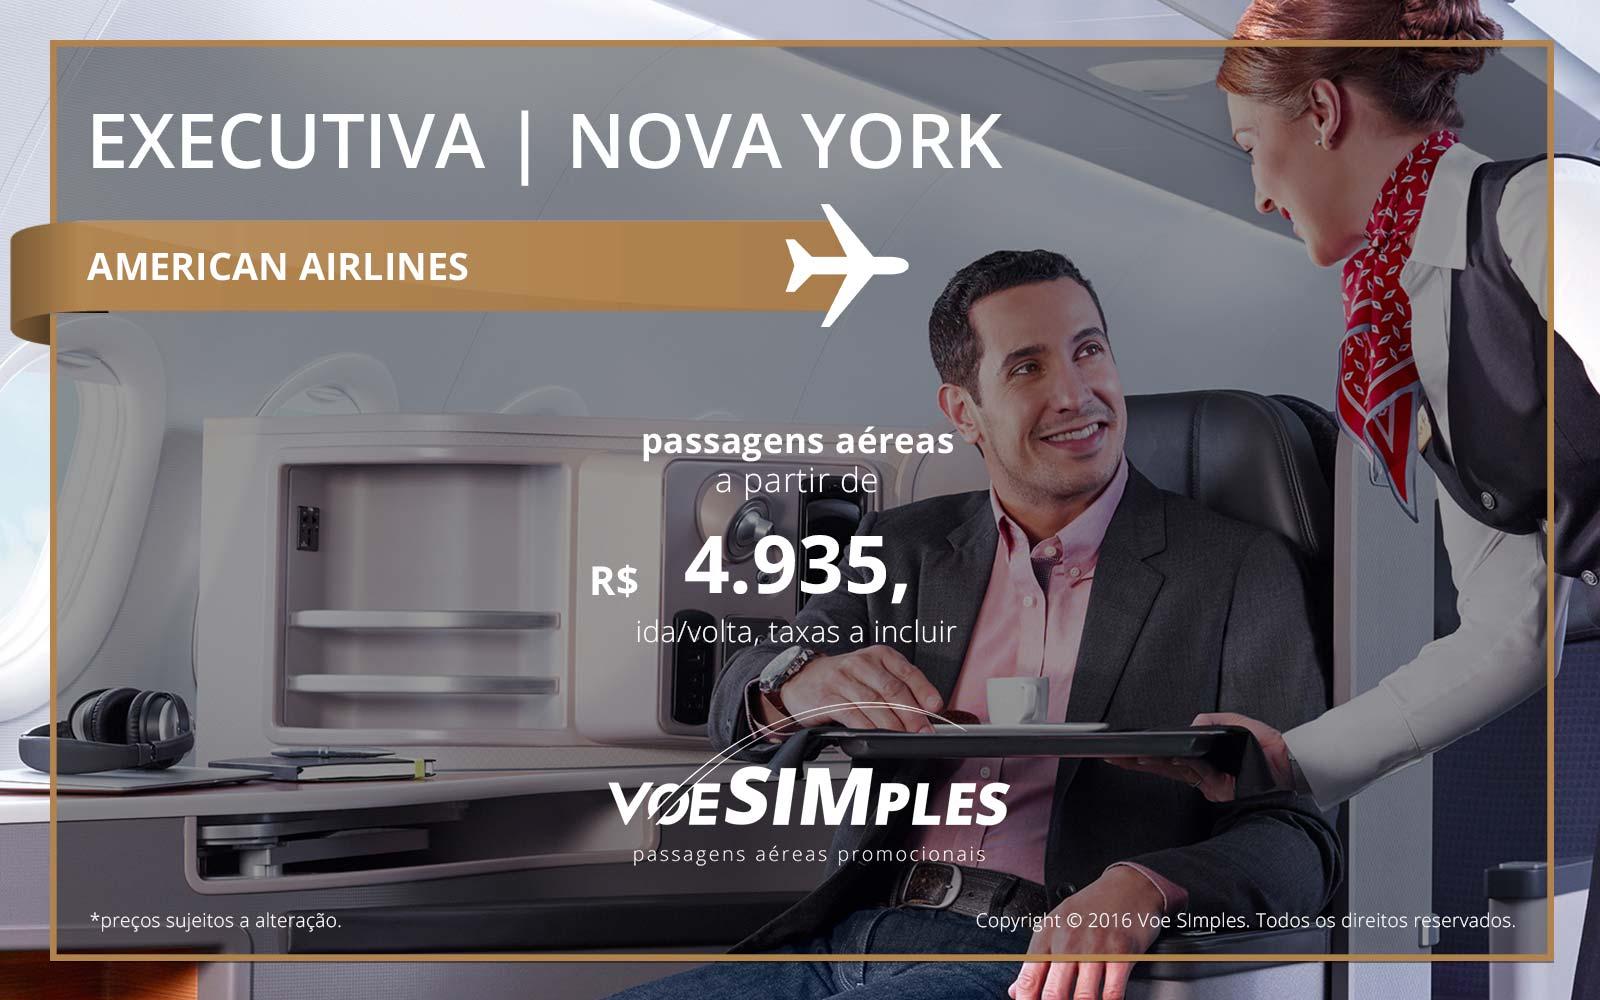 Passagem aérea Classe Executiva American Airlines para Nova York